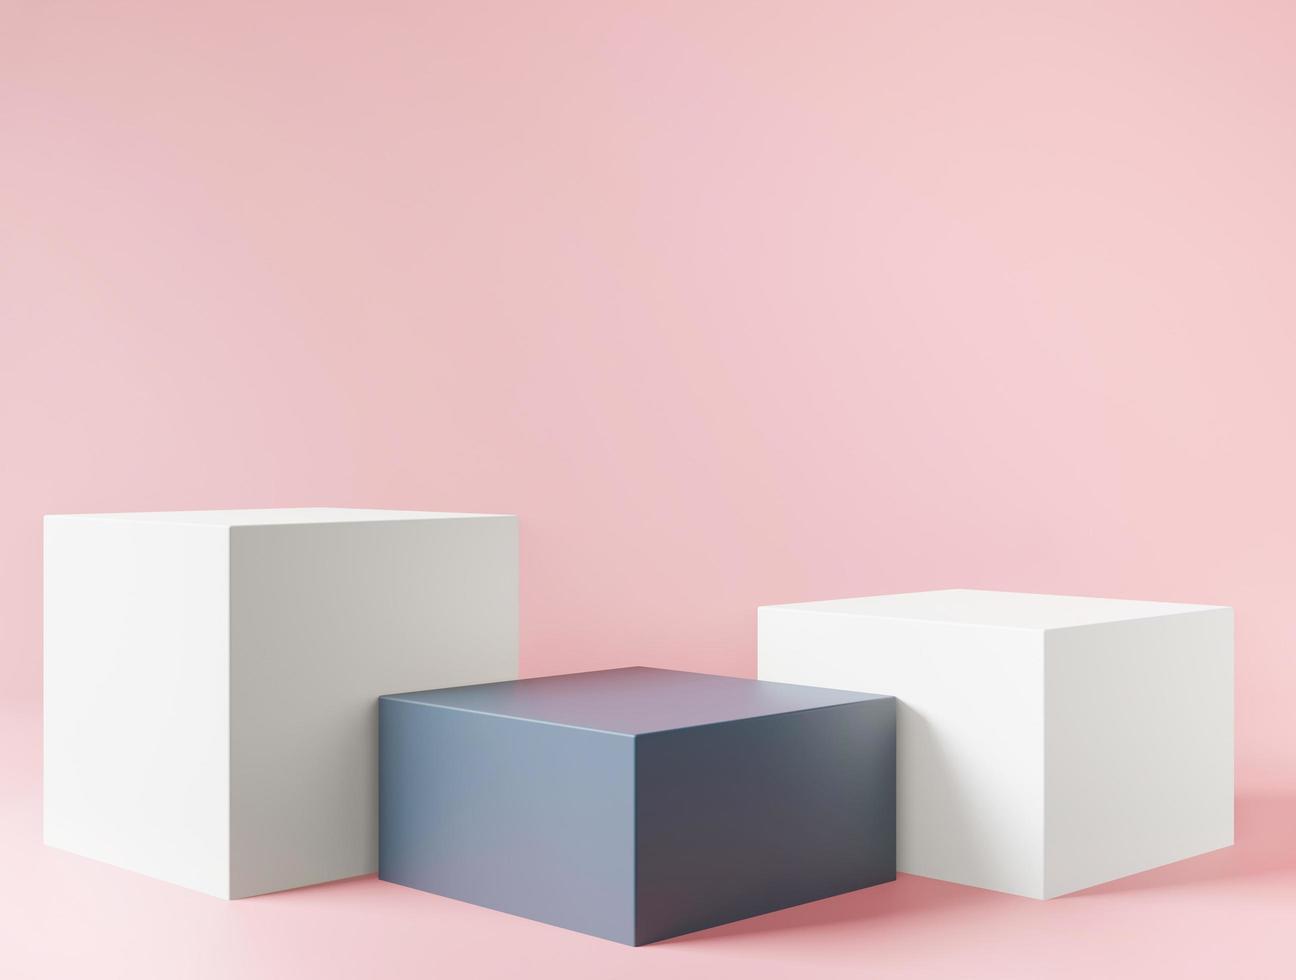 kosmetischer rosa 3d Hintergrund für Produktpräsentation foto